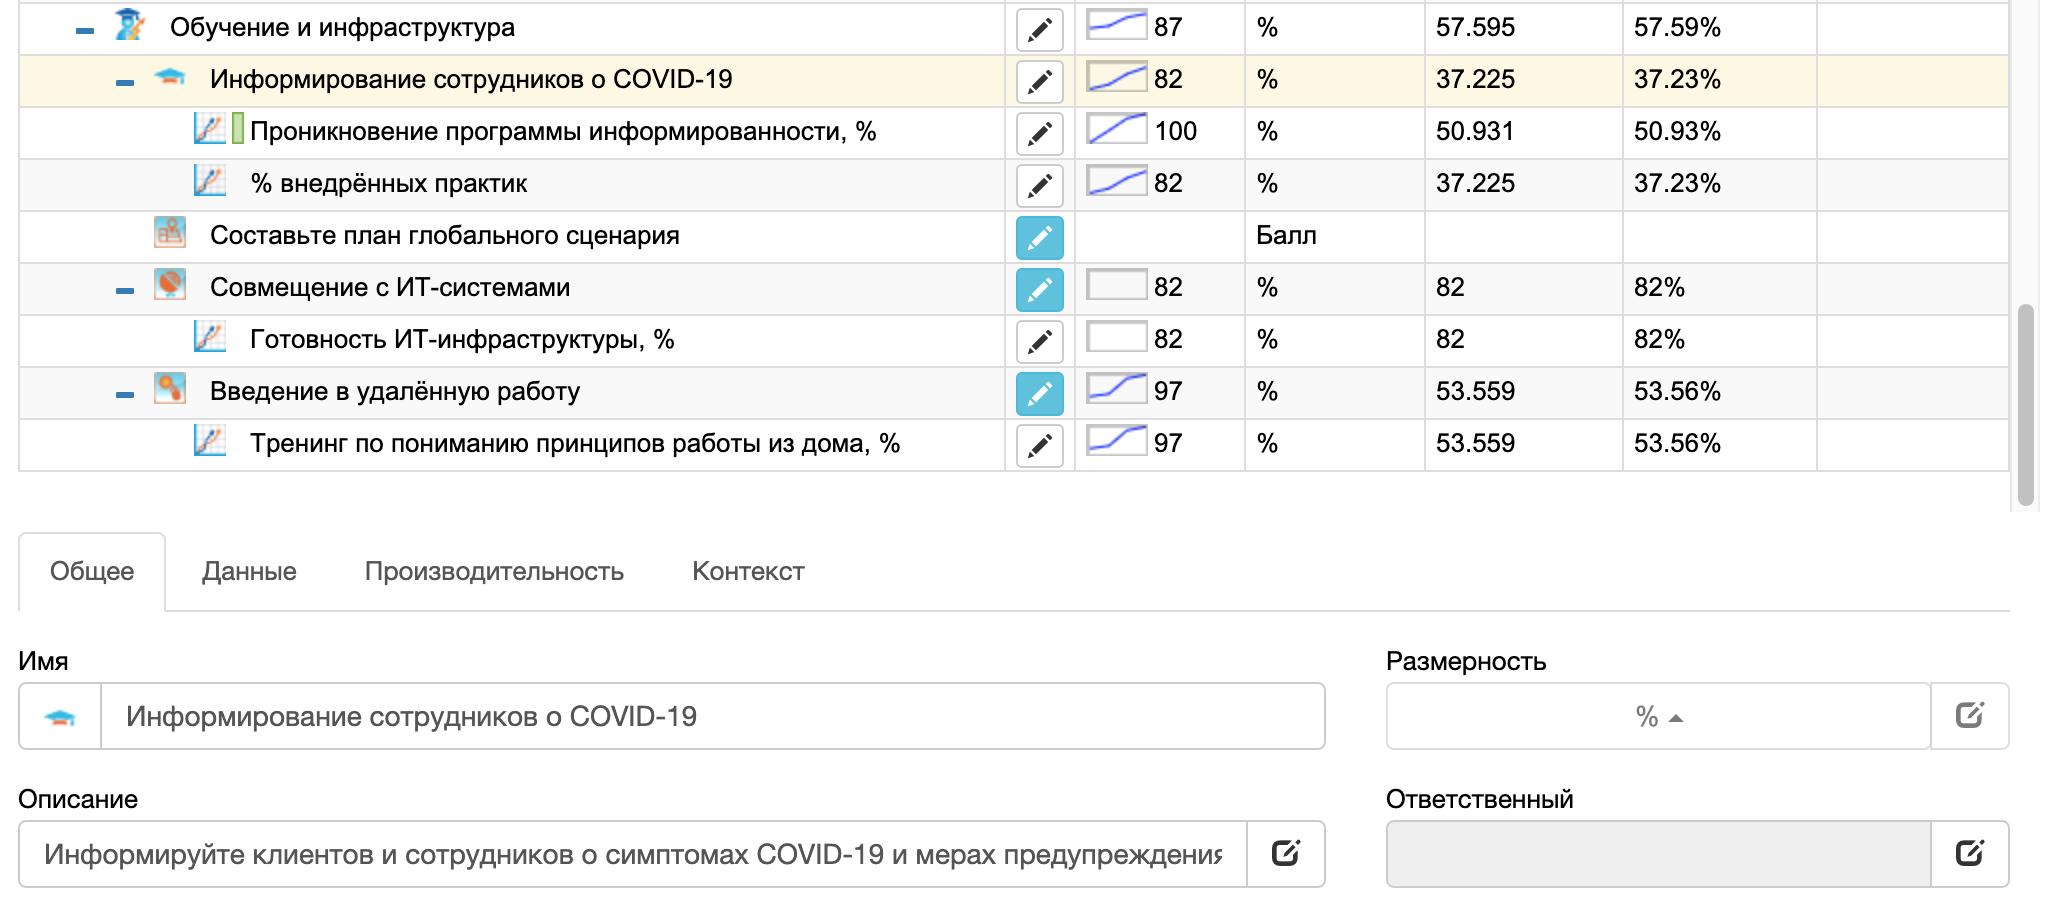 KPI, отслеживающий осведомлённость сотрудников о COVID-19